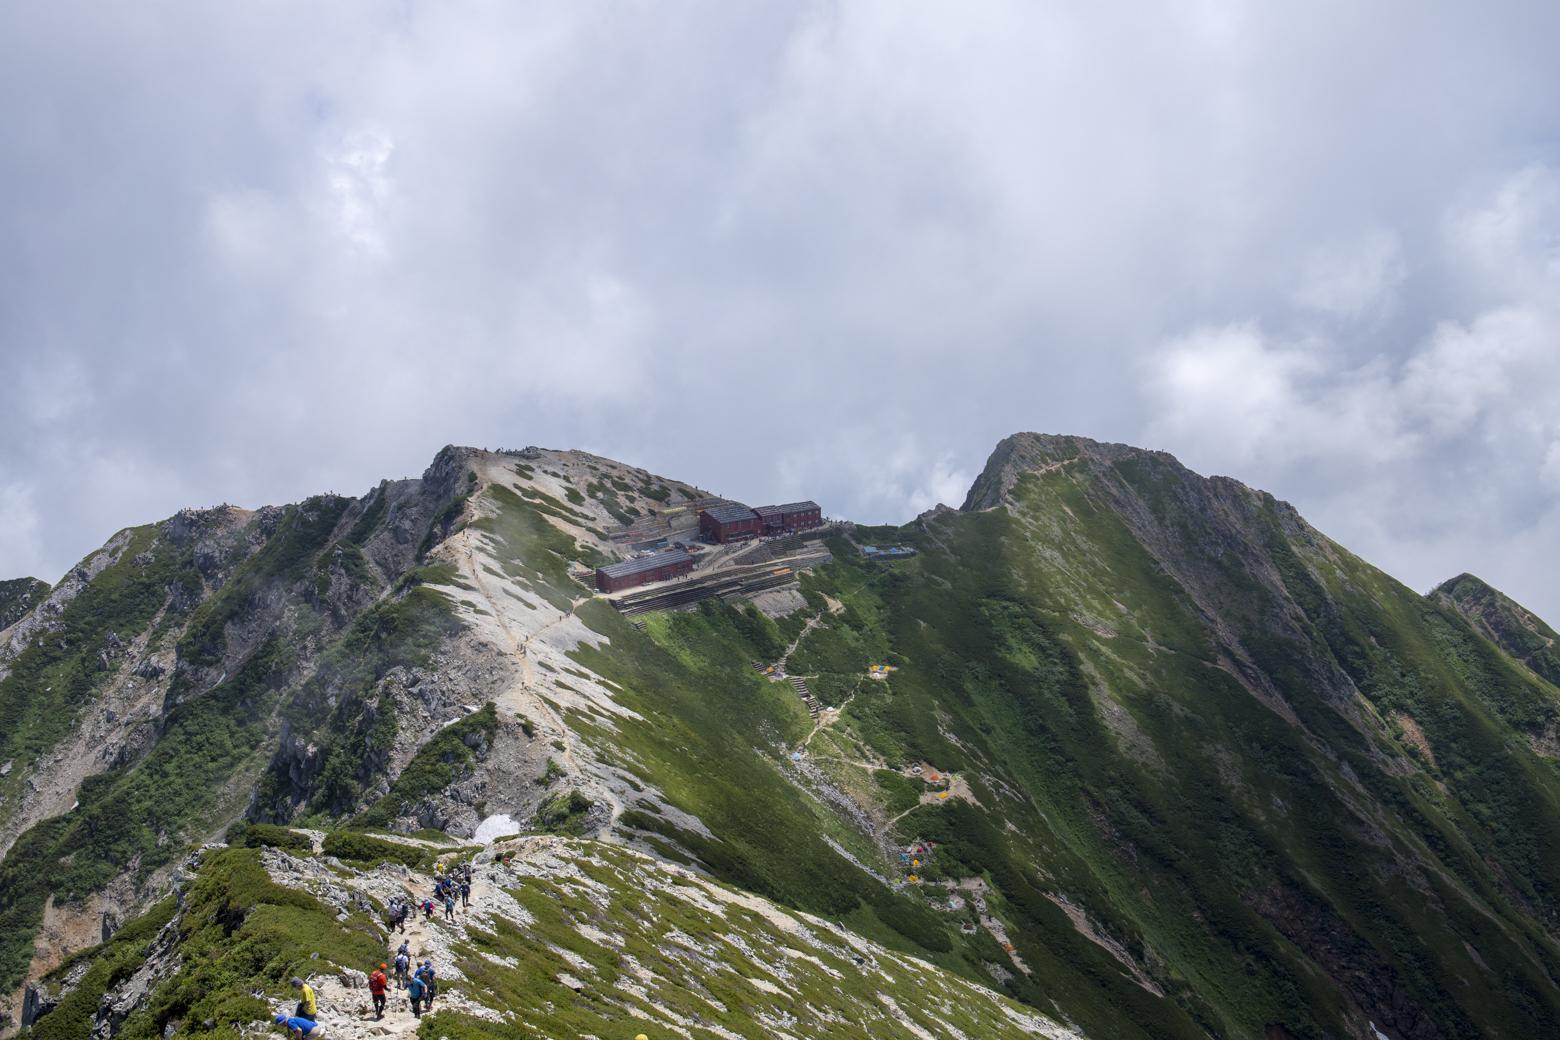 稜線上に建つ唐松岳頂上山荘は、まさに「天空の山小屋」